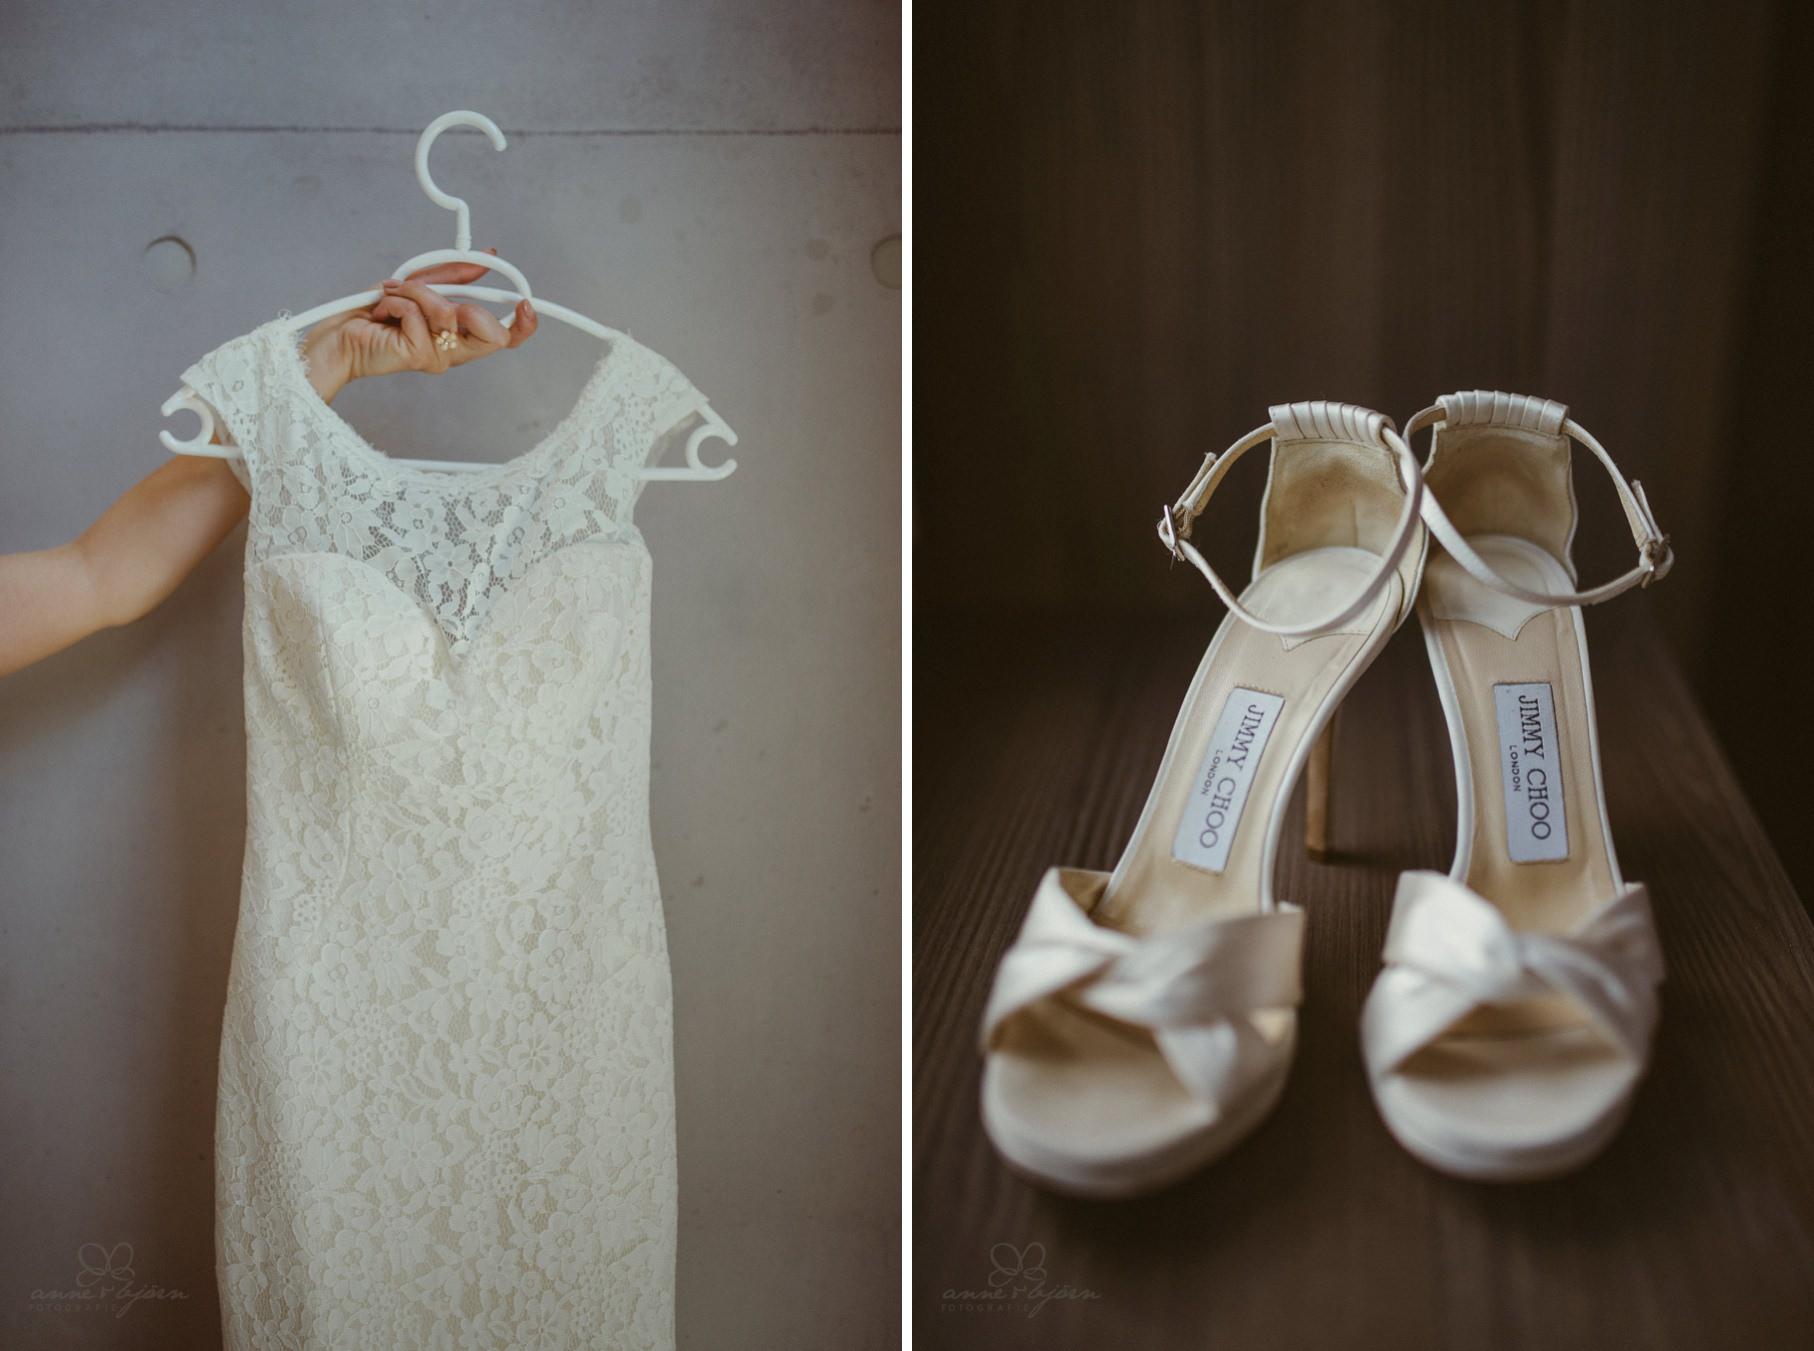 0004 anne und bjoern hochzeit schweiz d75 9330 - DIY Hochzeit in der Schweiz - Sabrina & Christoph